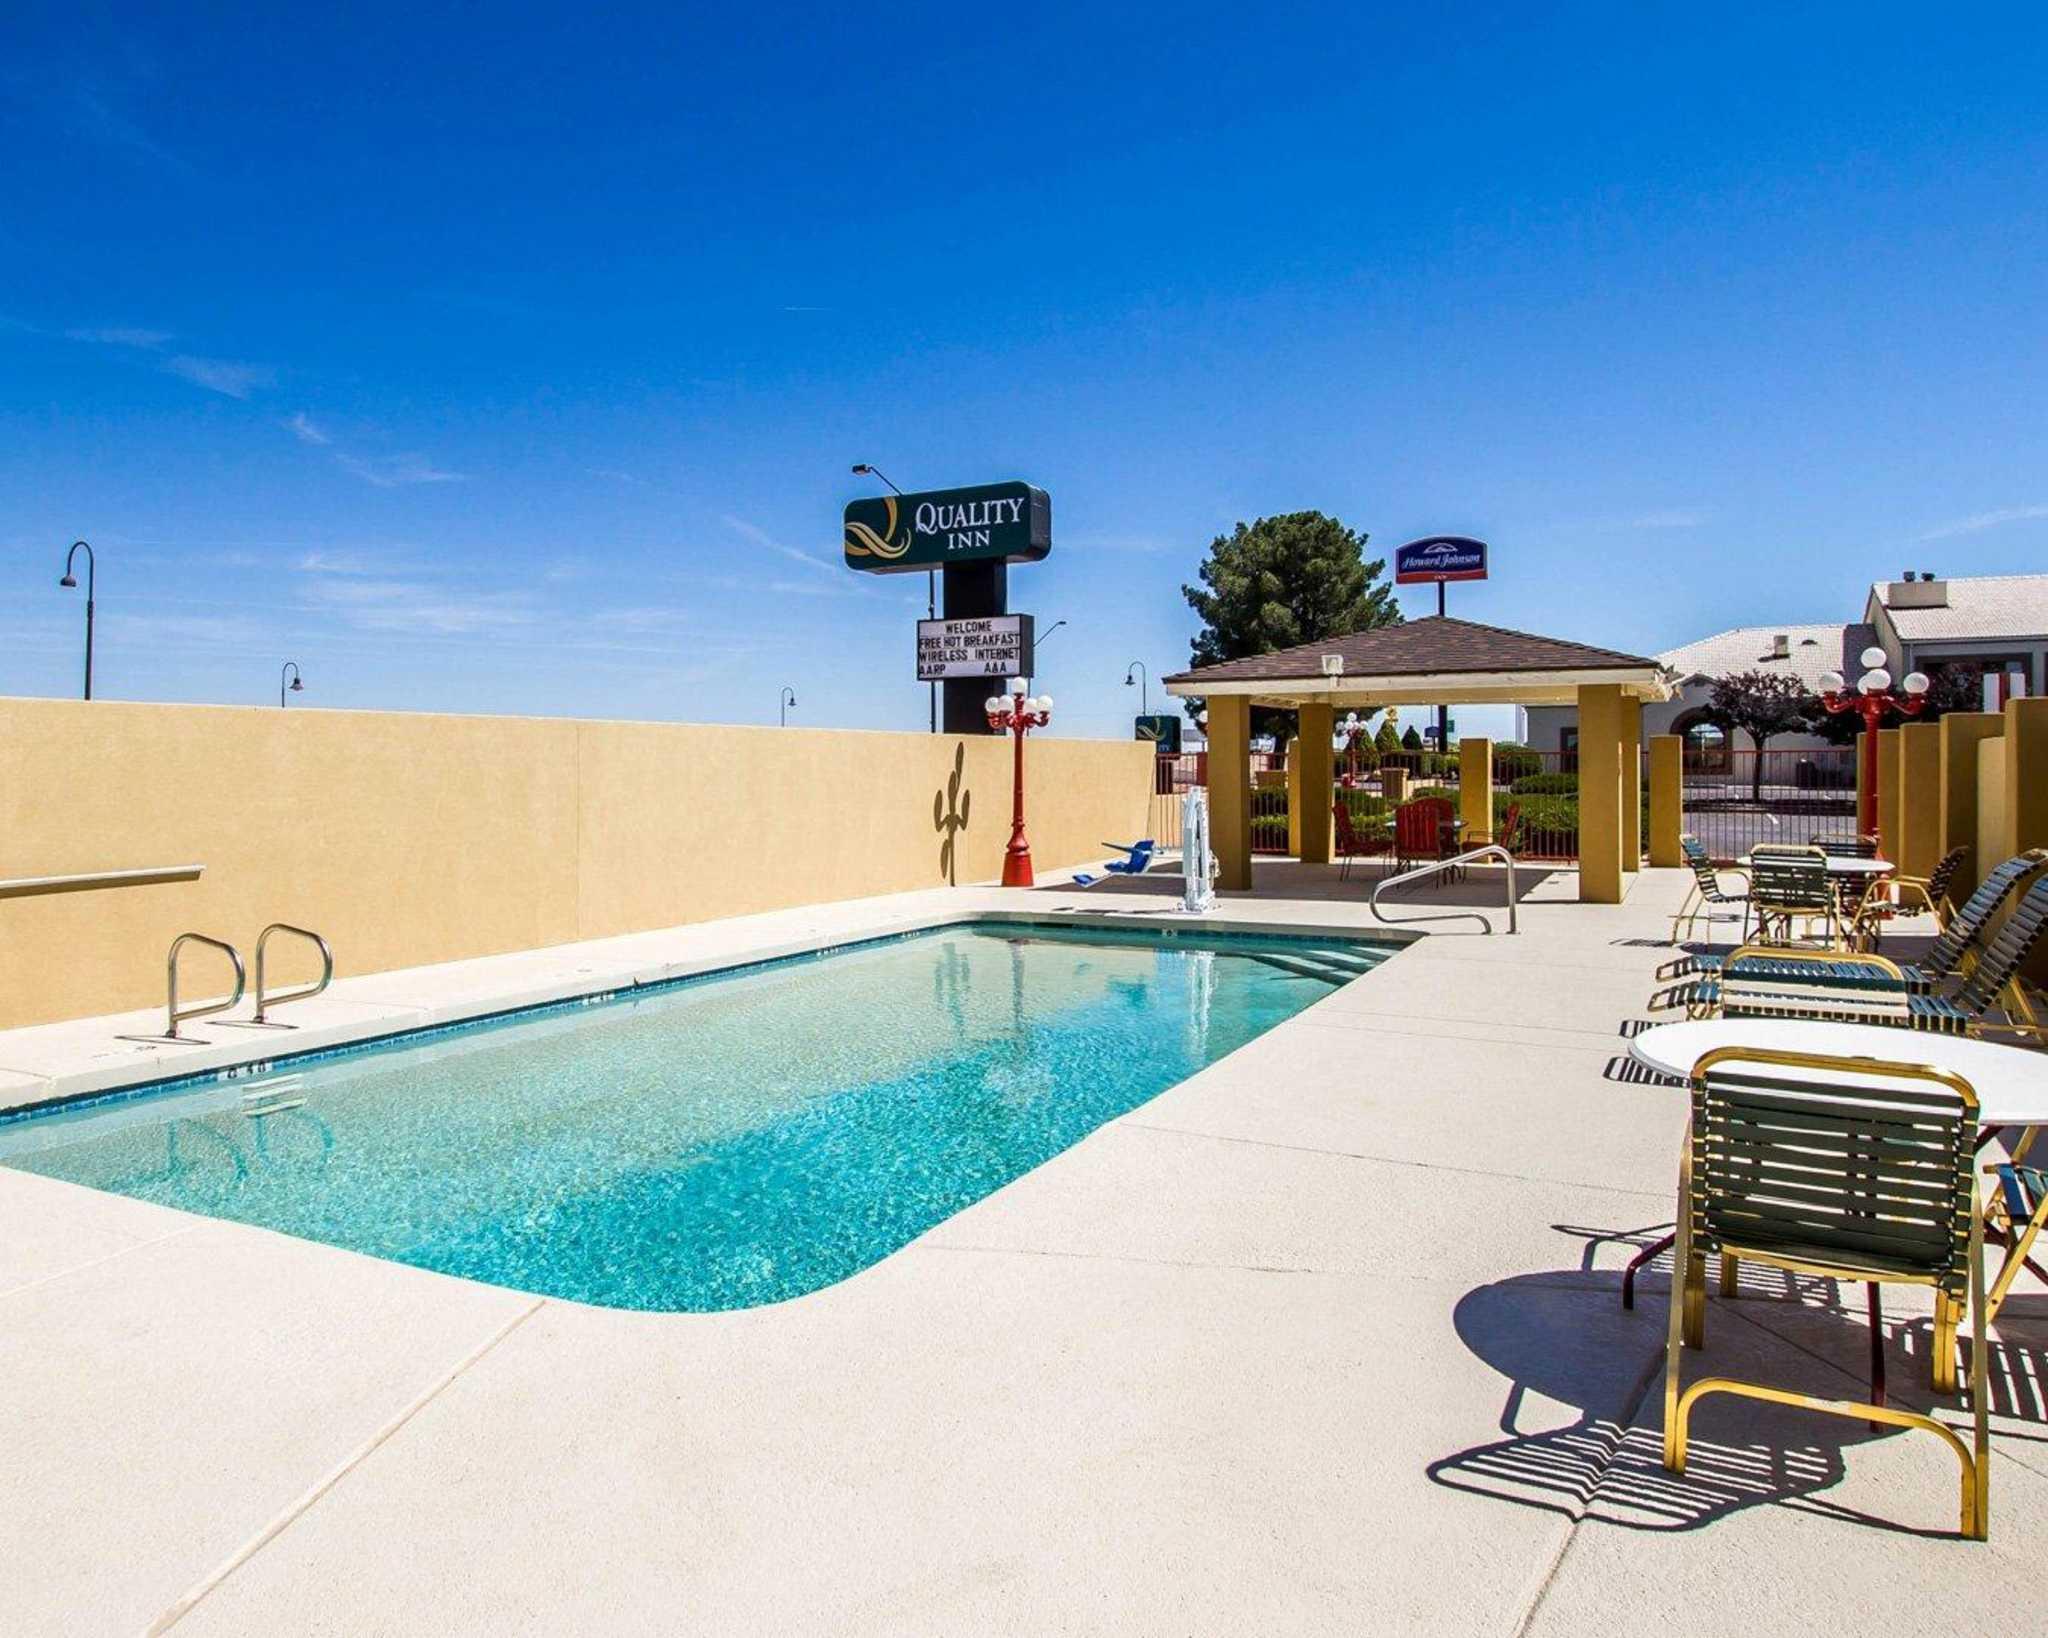 Quality Inn Holbrook Arizona Az